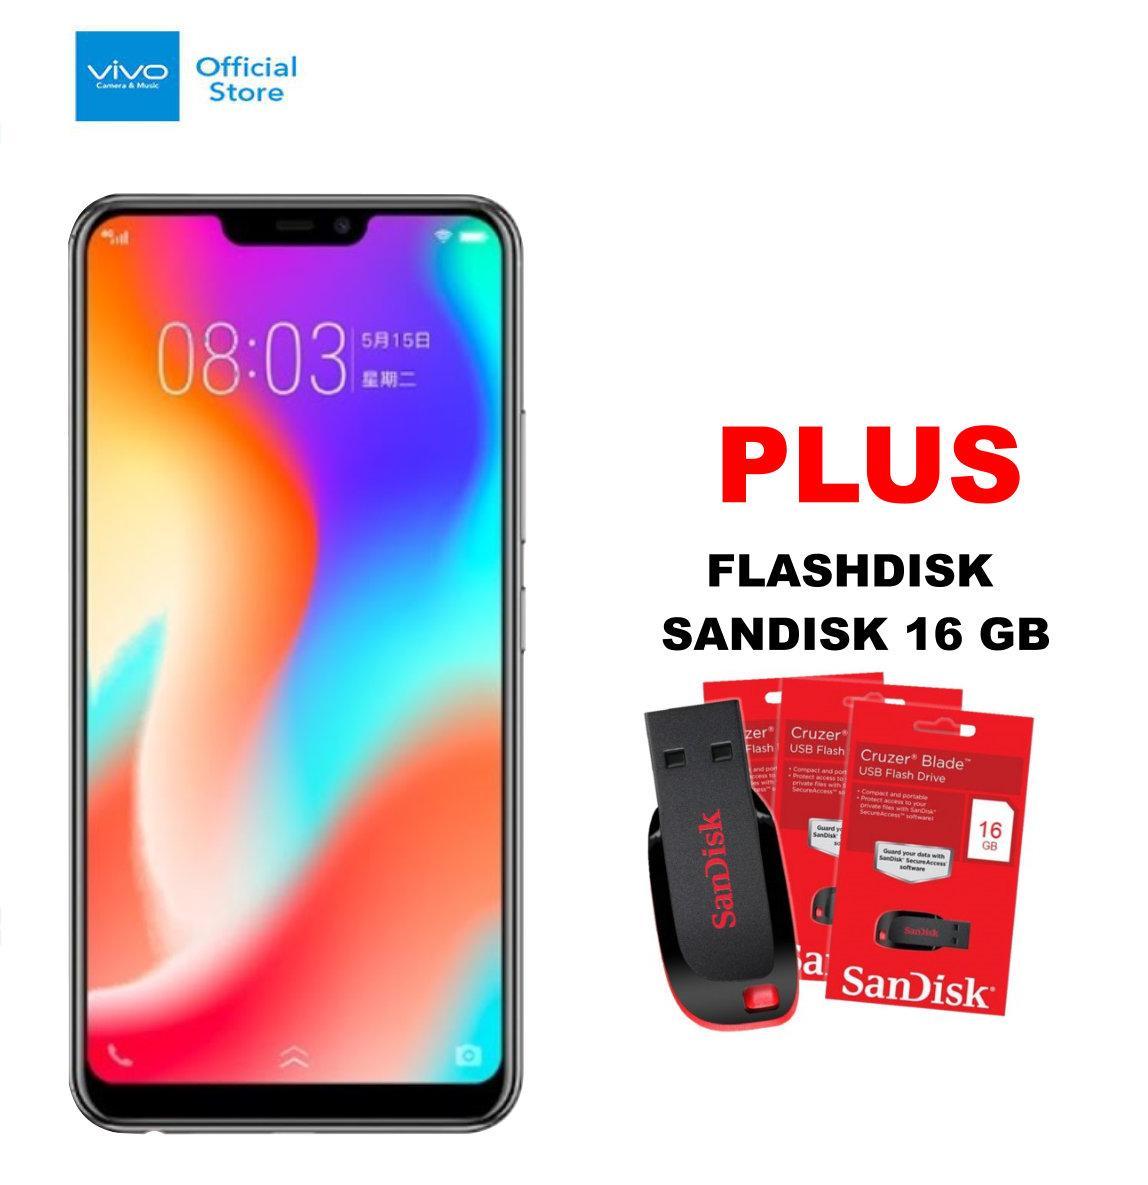 Vivo Y83 4/32GB - Black Plus Flashdisk 16 GB